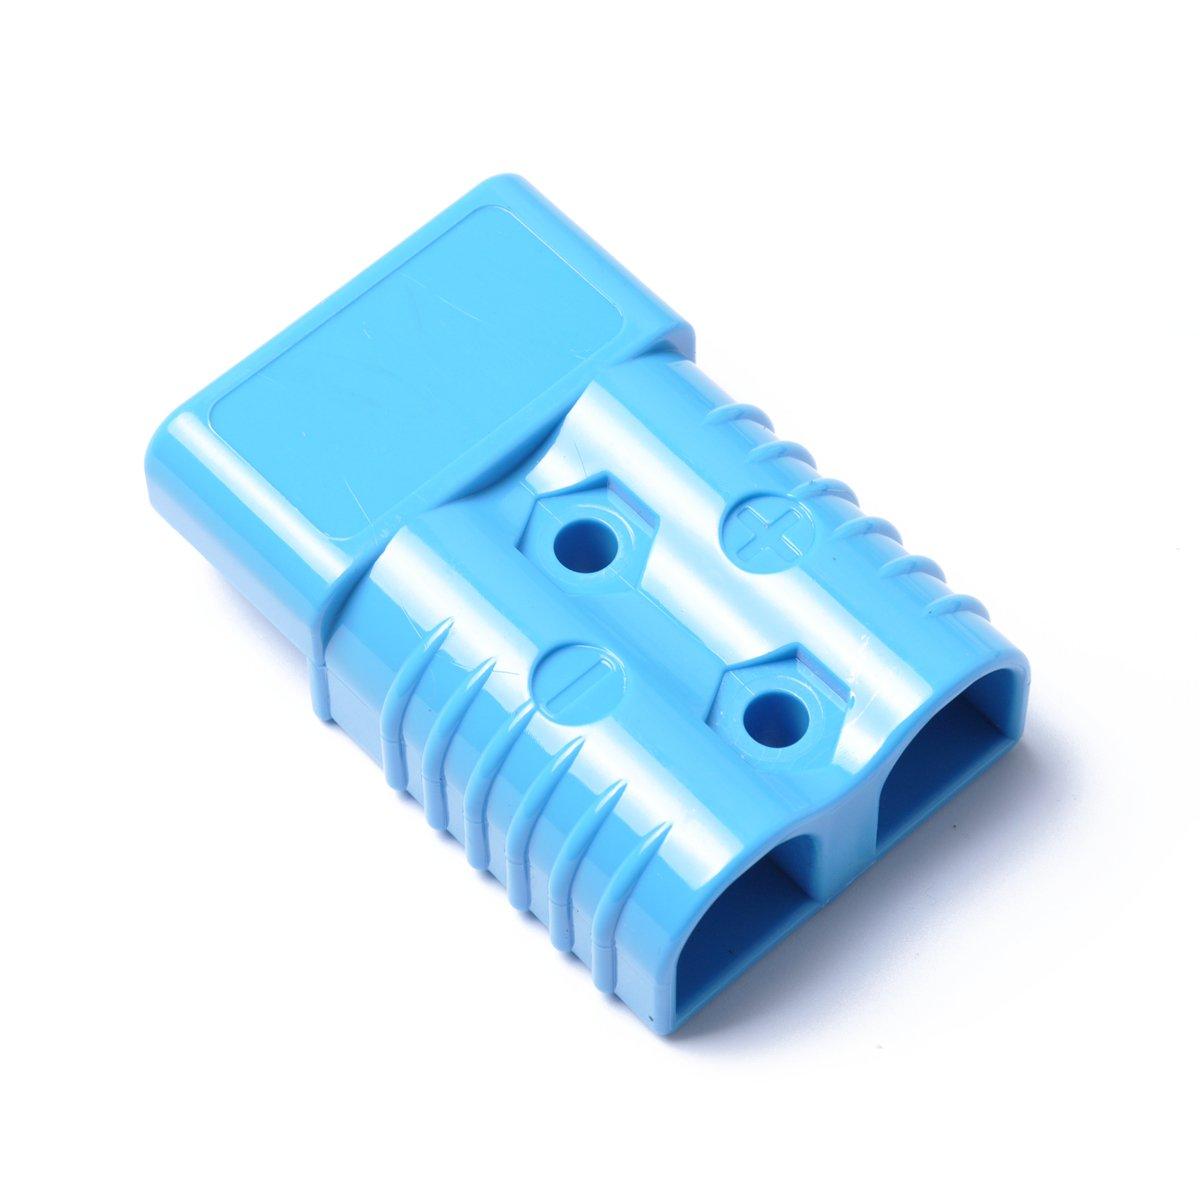 WINOMO Universal 600V 175A Conector de bater/ía Conector r/ápido para carretillas elevadoras Winch Remolque conductor Dispositivos el/éctricos azul